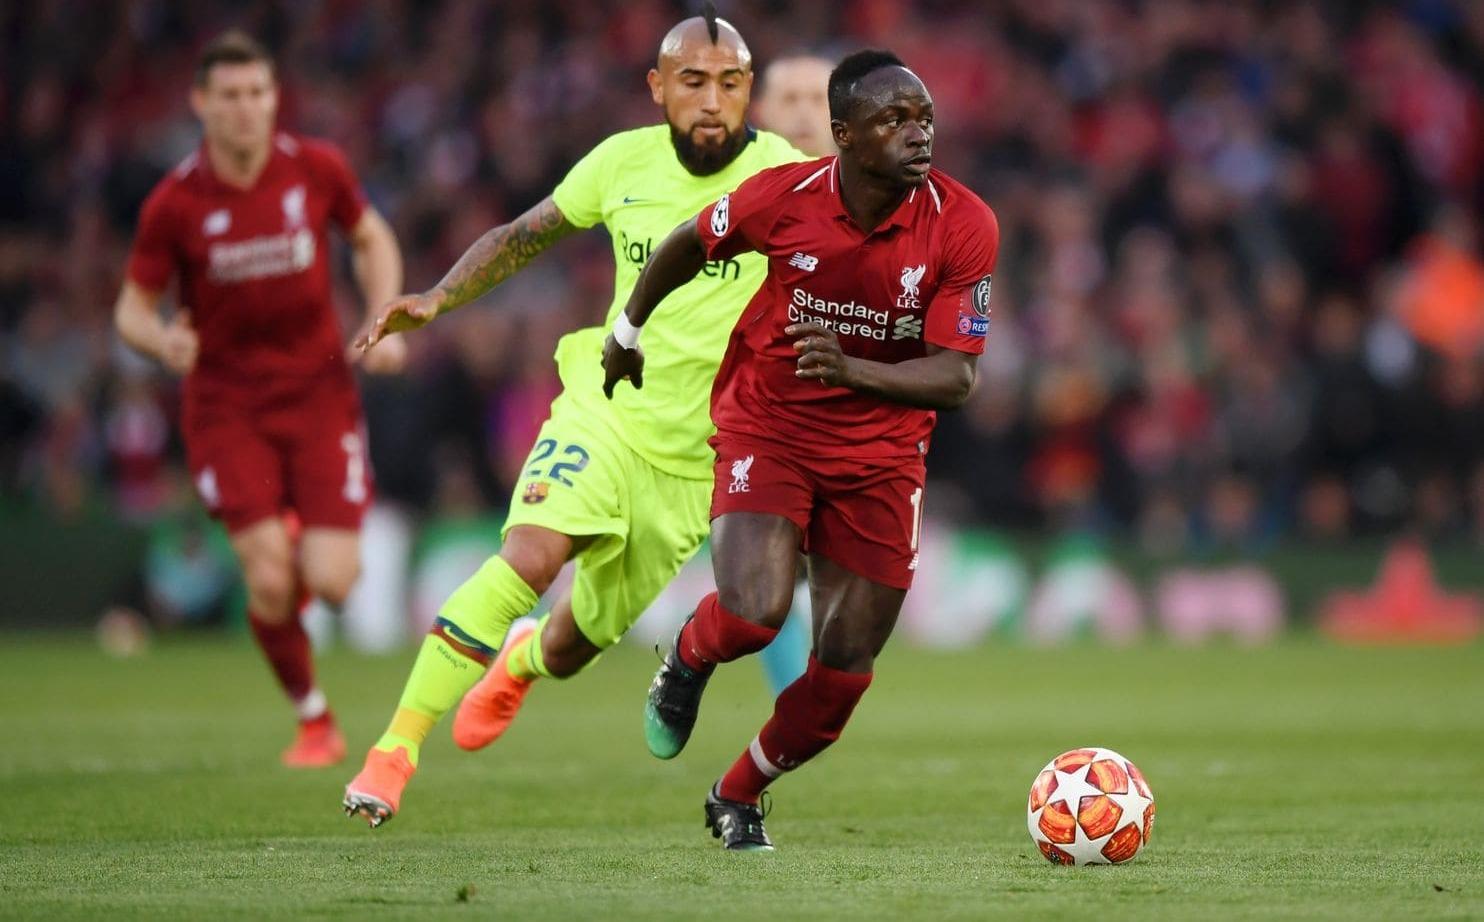 معجزة في «الأنفيلد».. ليفربول يتعادل مع برشلونة في نصف نهائي دوري الأبطال «فيديو»